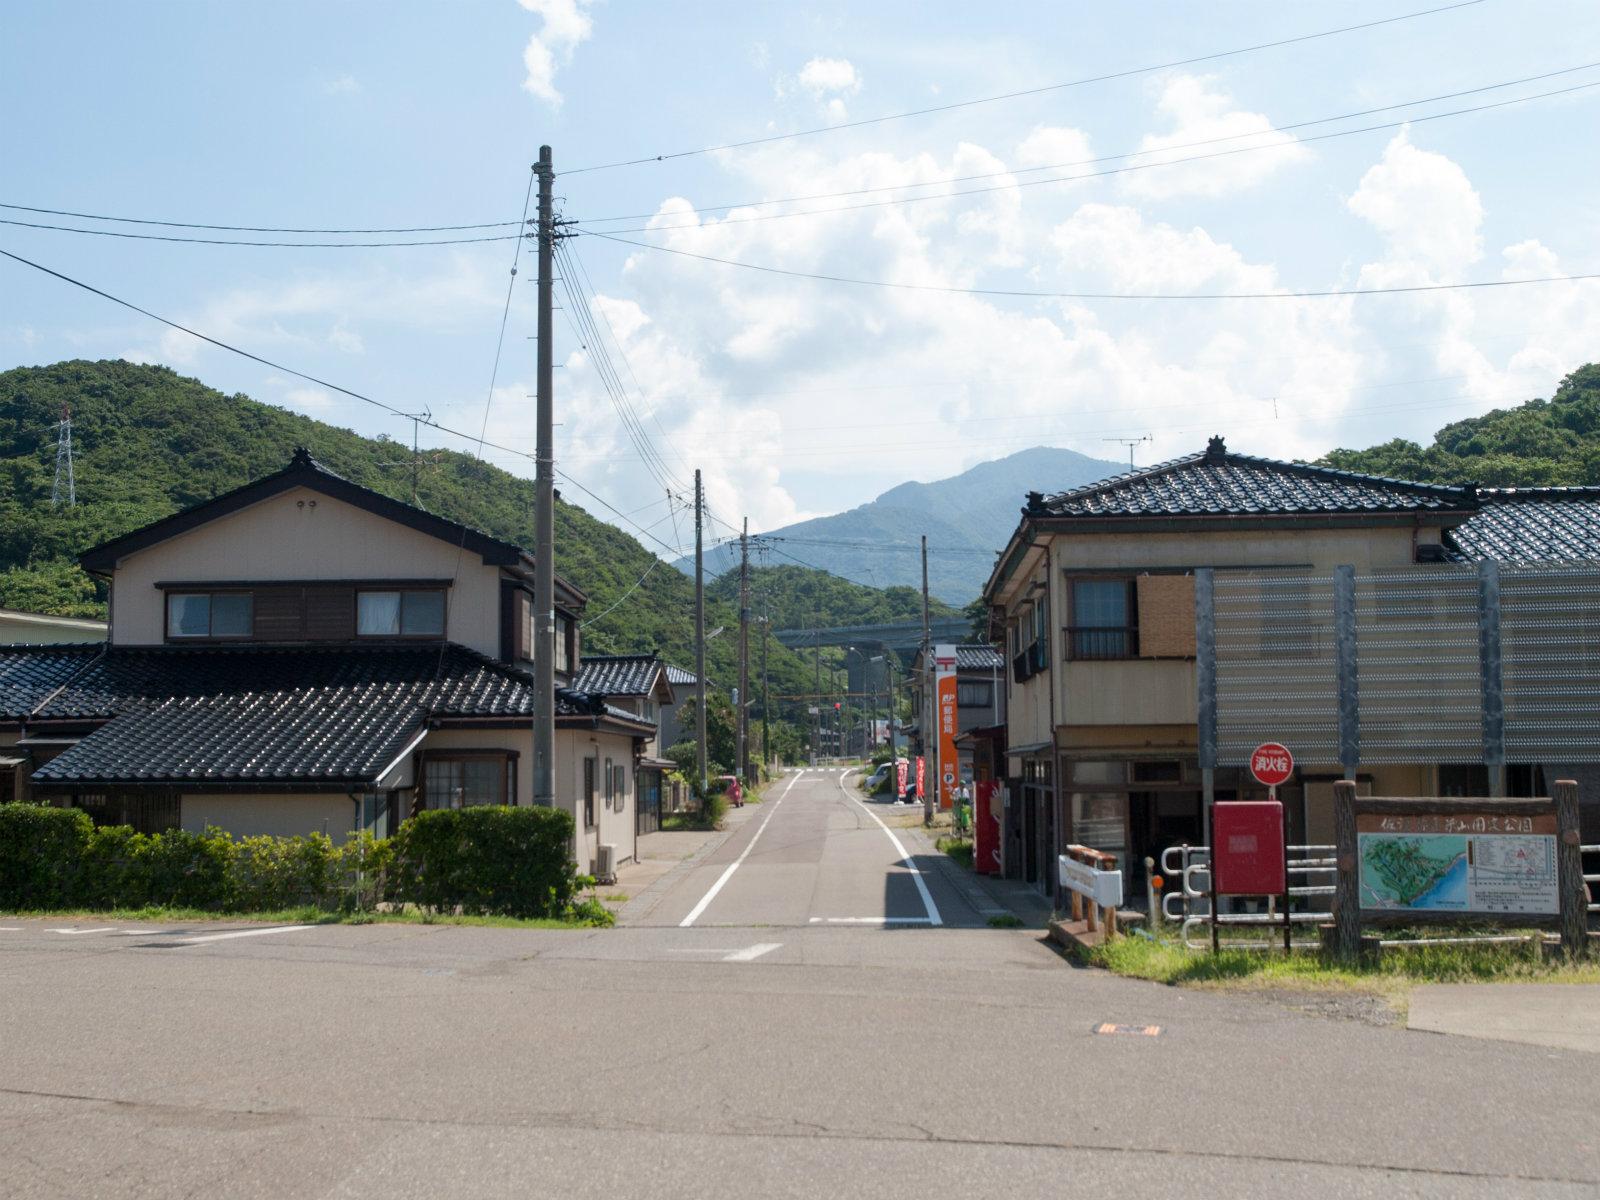 米山駅前と米山